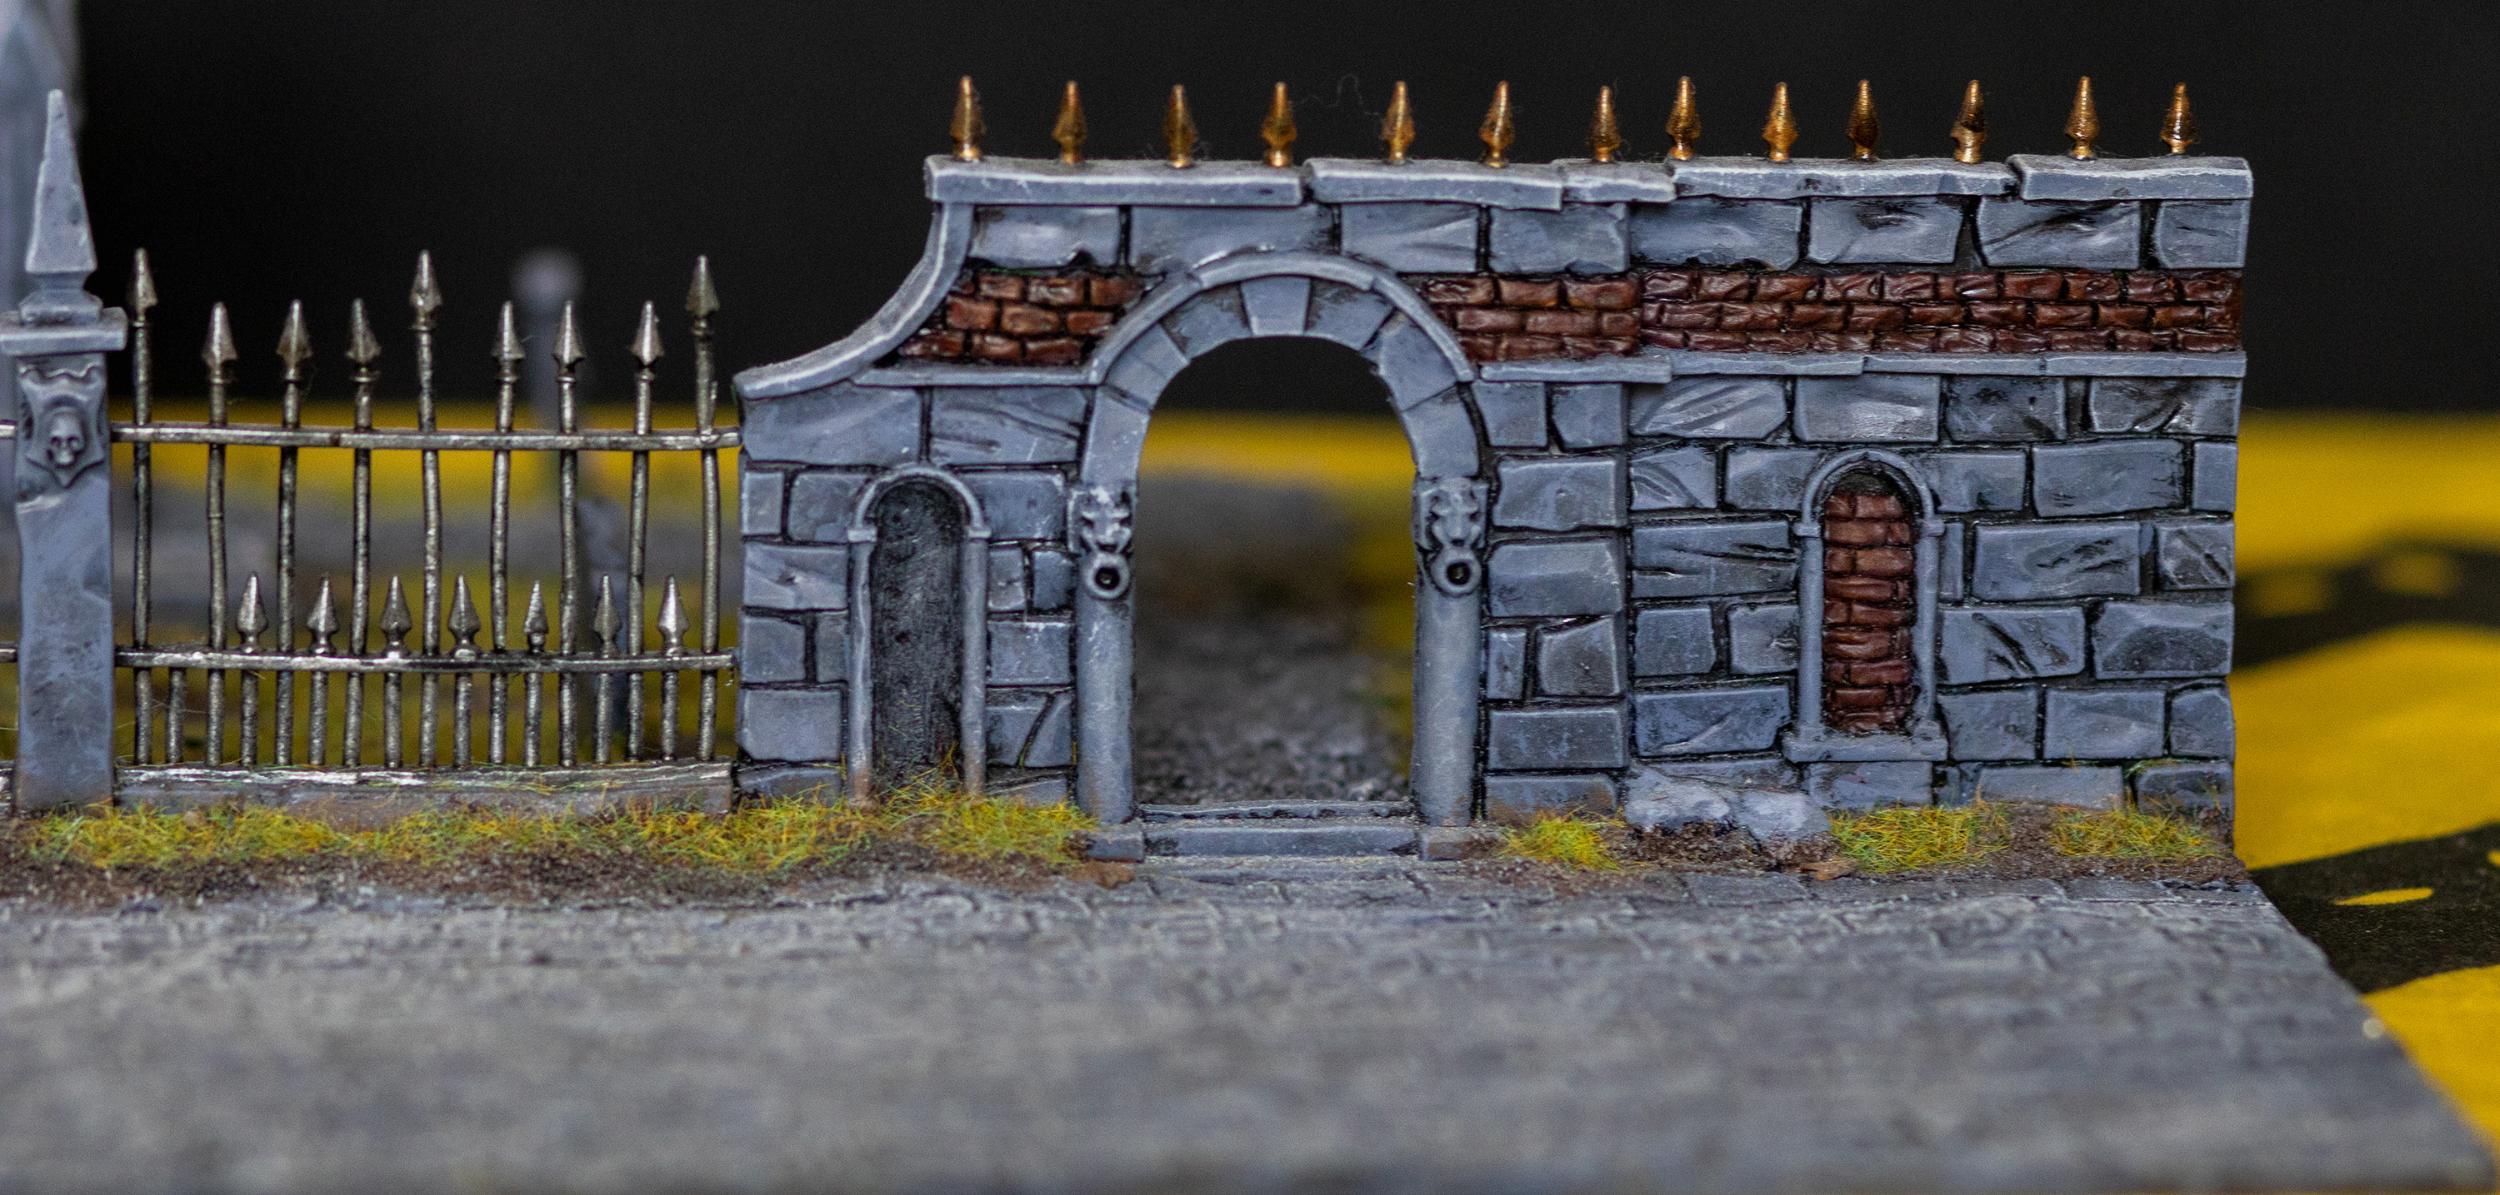 Friedhof_2020_2_s.jpg.b42a5036c0915c9417d624abbd37c912.jpg